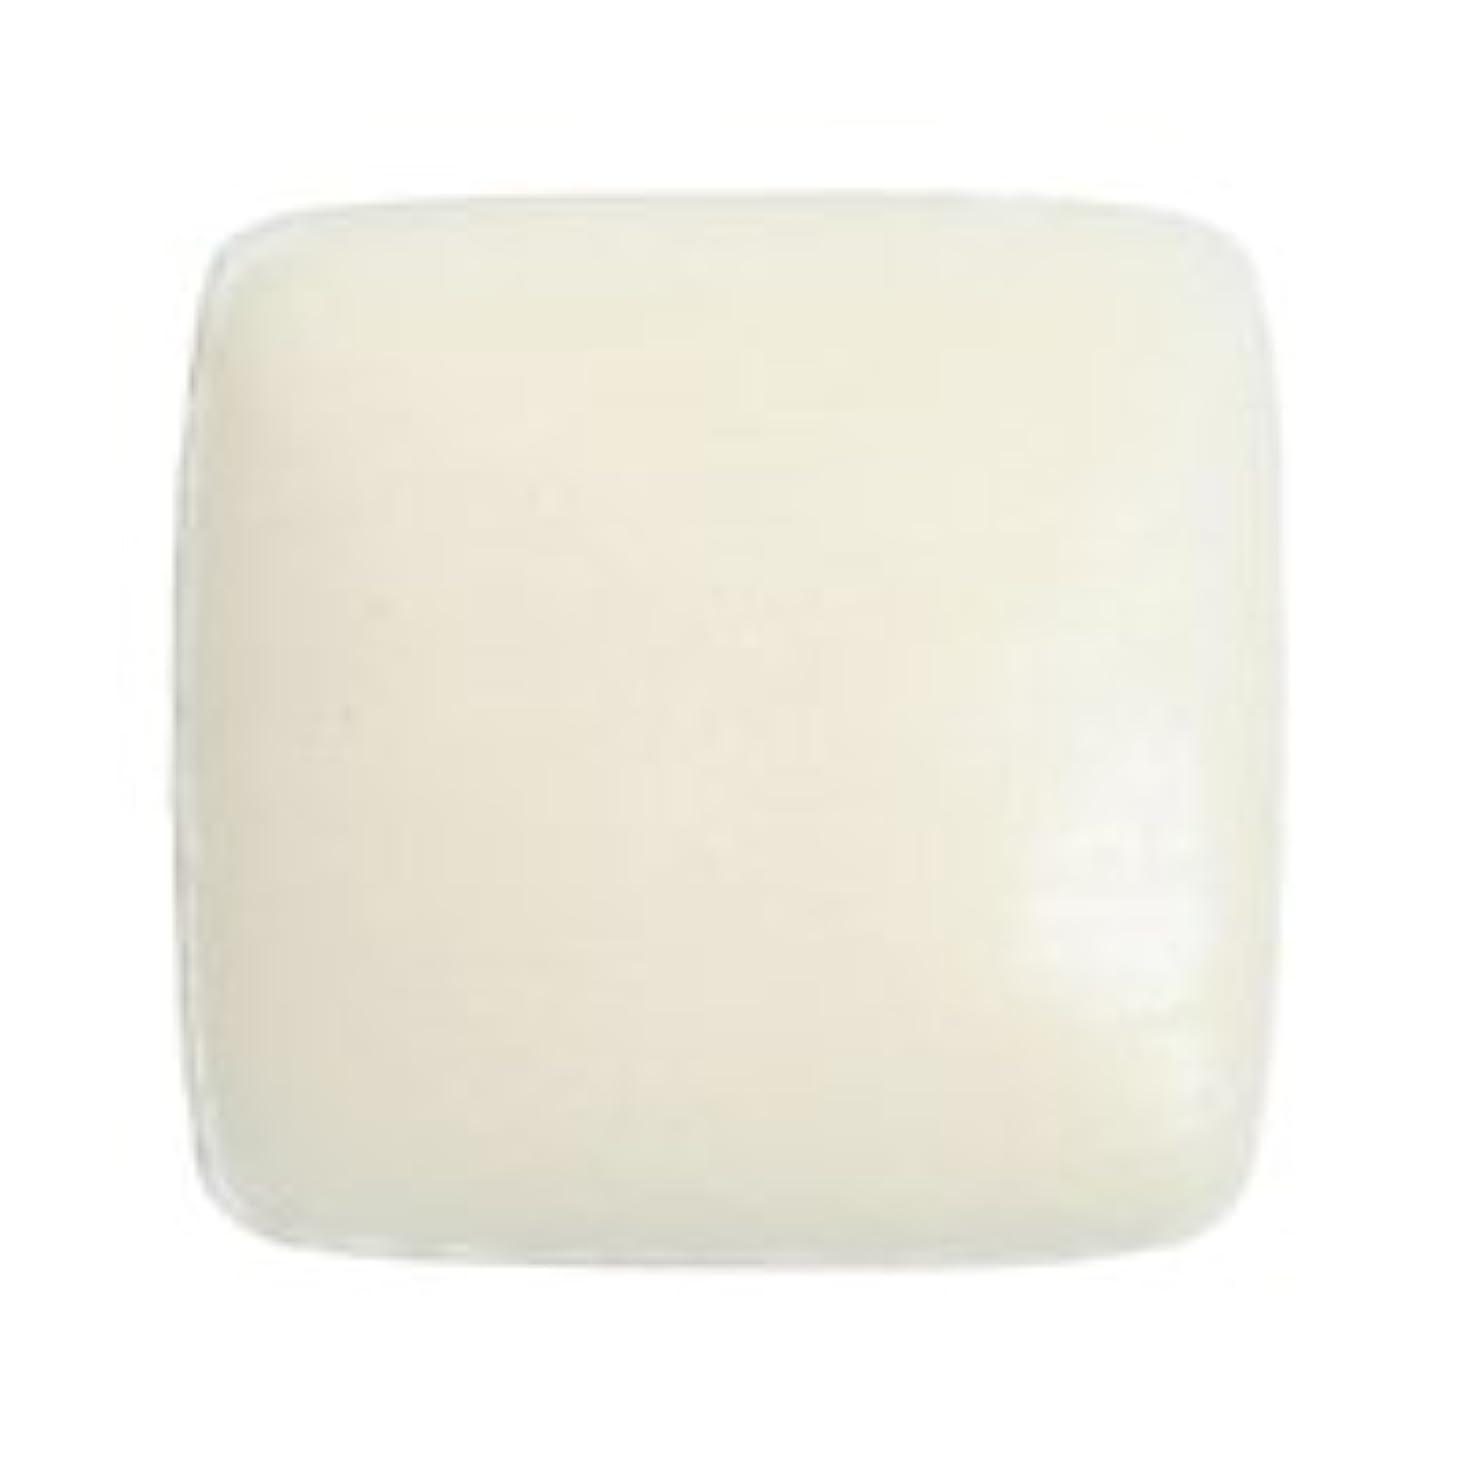 タンクギャングしつけドクターY ホワイトクレイソープ80g 固形石鹸